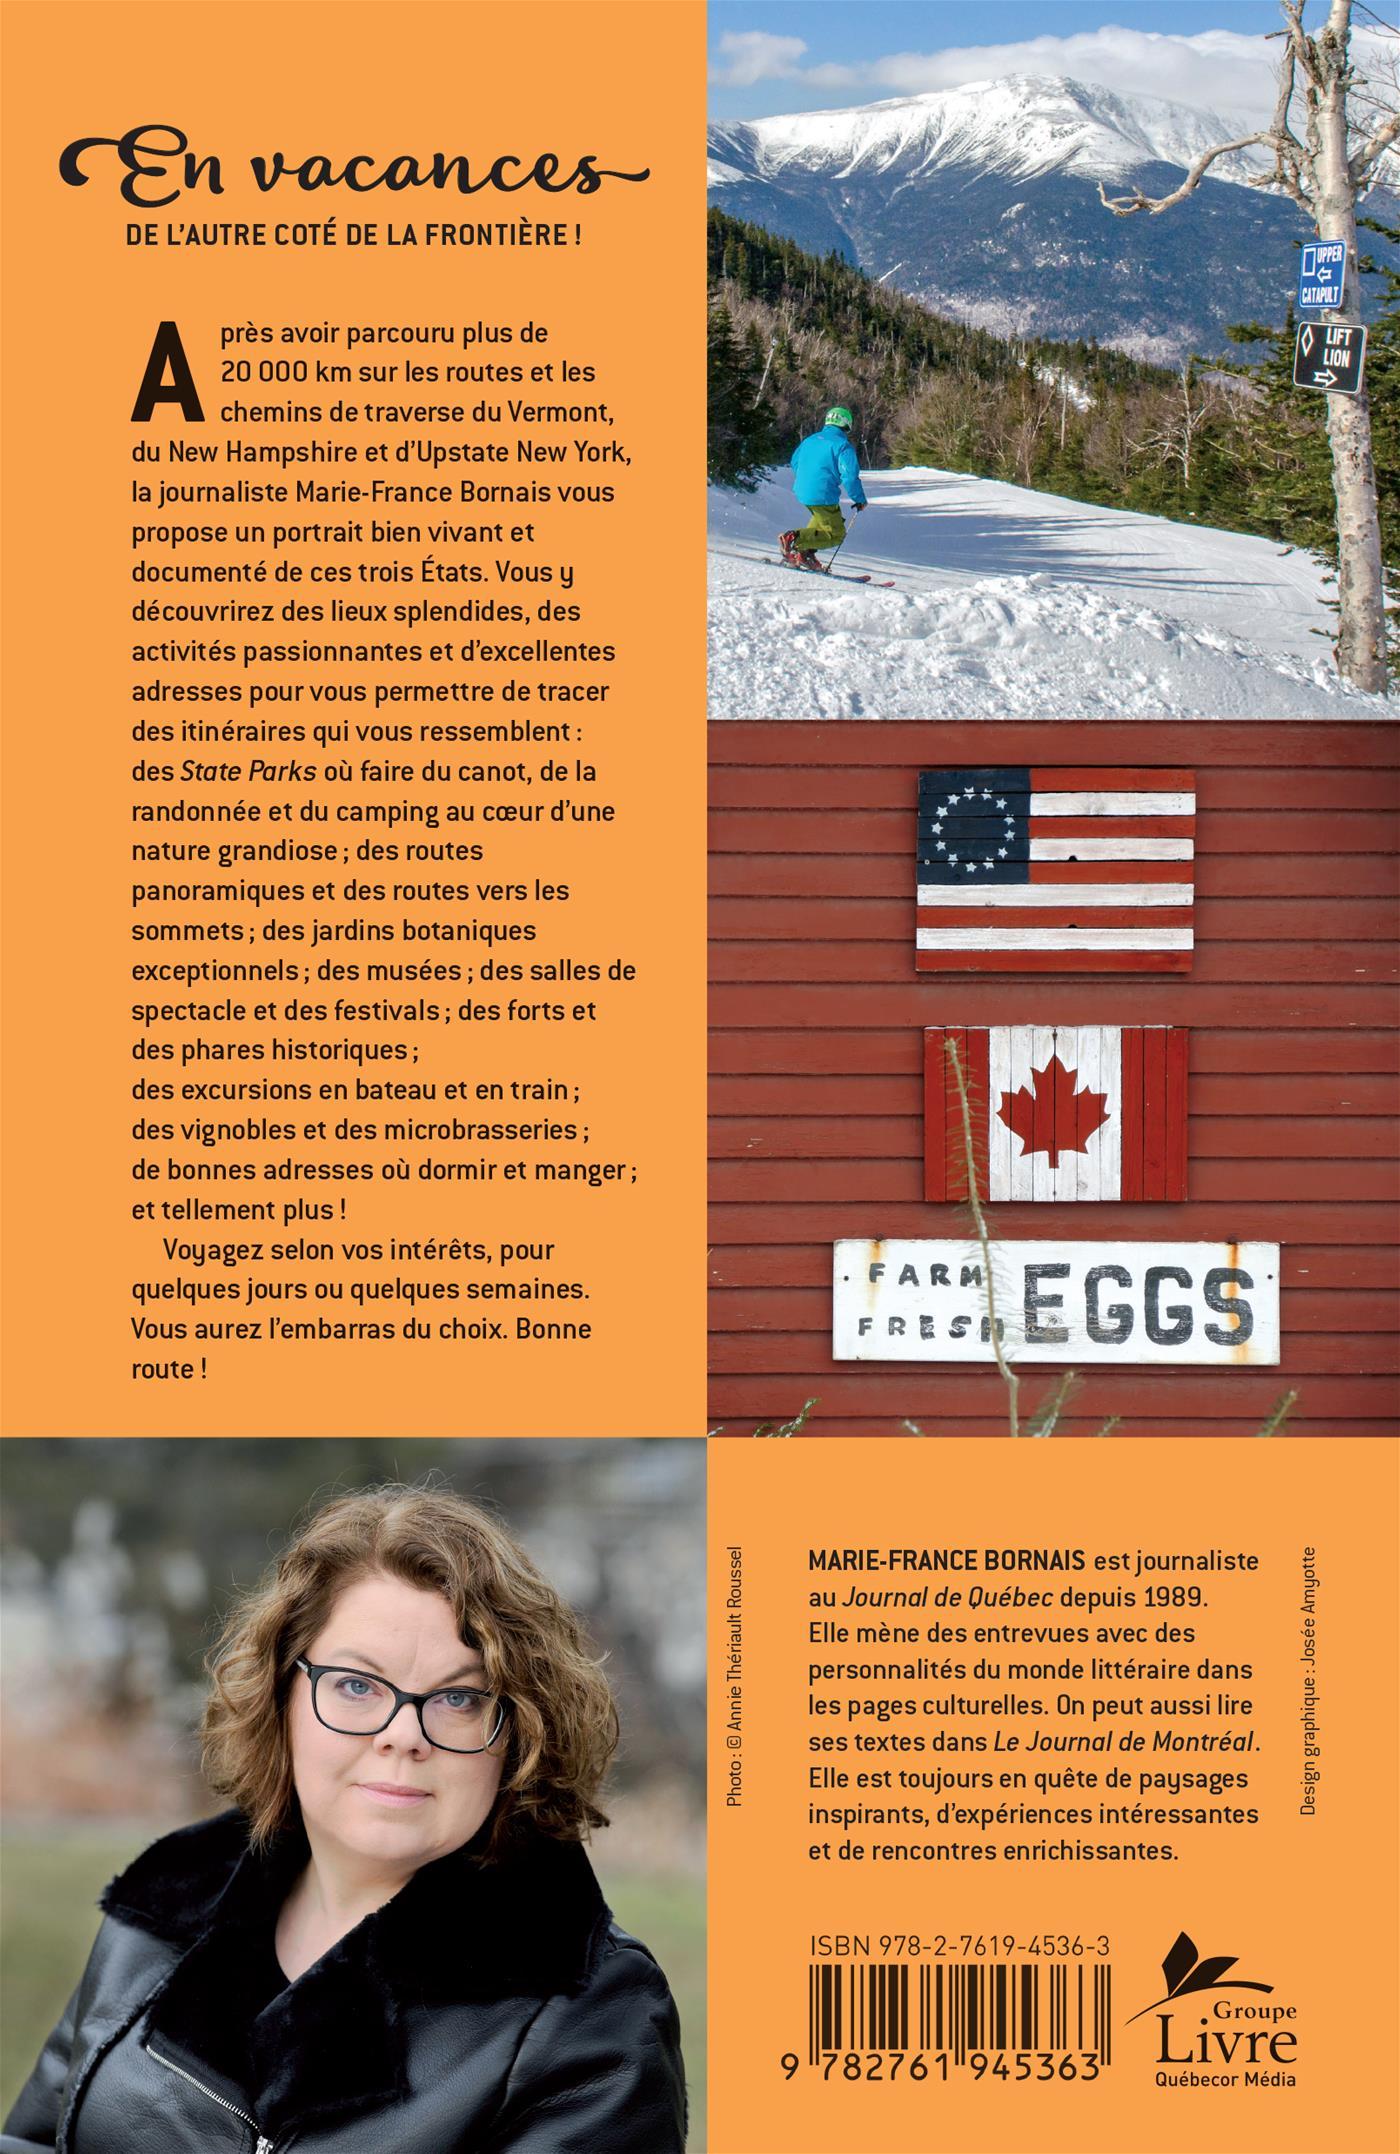 sites de rencontres dans le New Hampshire datant d'un seul père avec fille